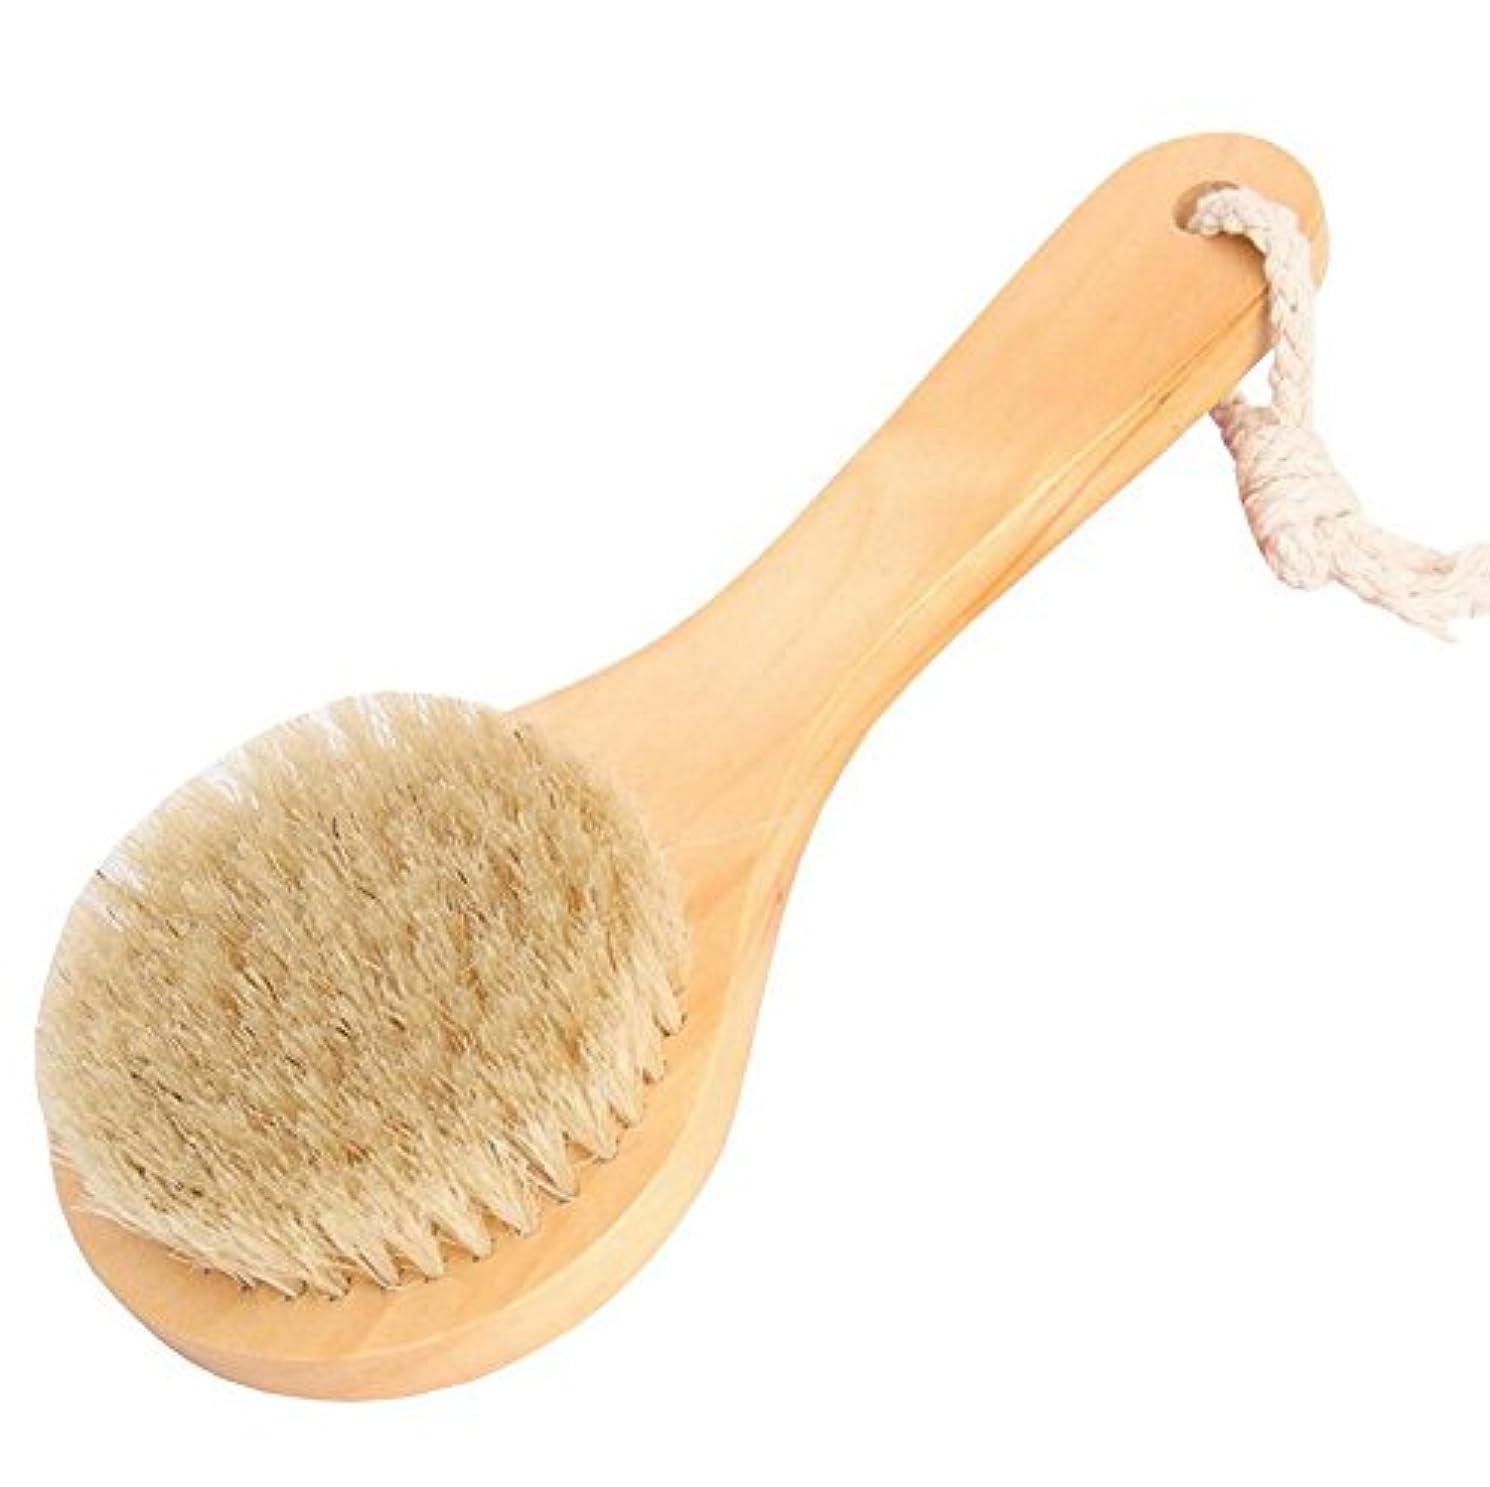 ボイラー福祉ハーネスFoucome ボディブラシ ロング マッサージ 豚毛100% 長柄 角質除去 美肌効果 背中 最高品質 天然材 お風呂グッズ 毛穴洗浄 血行促進 イェロー S